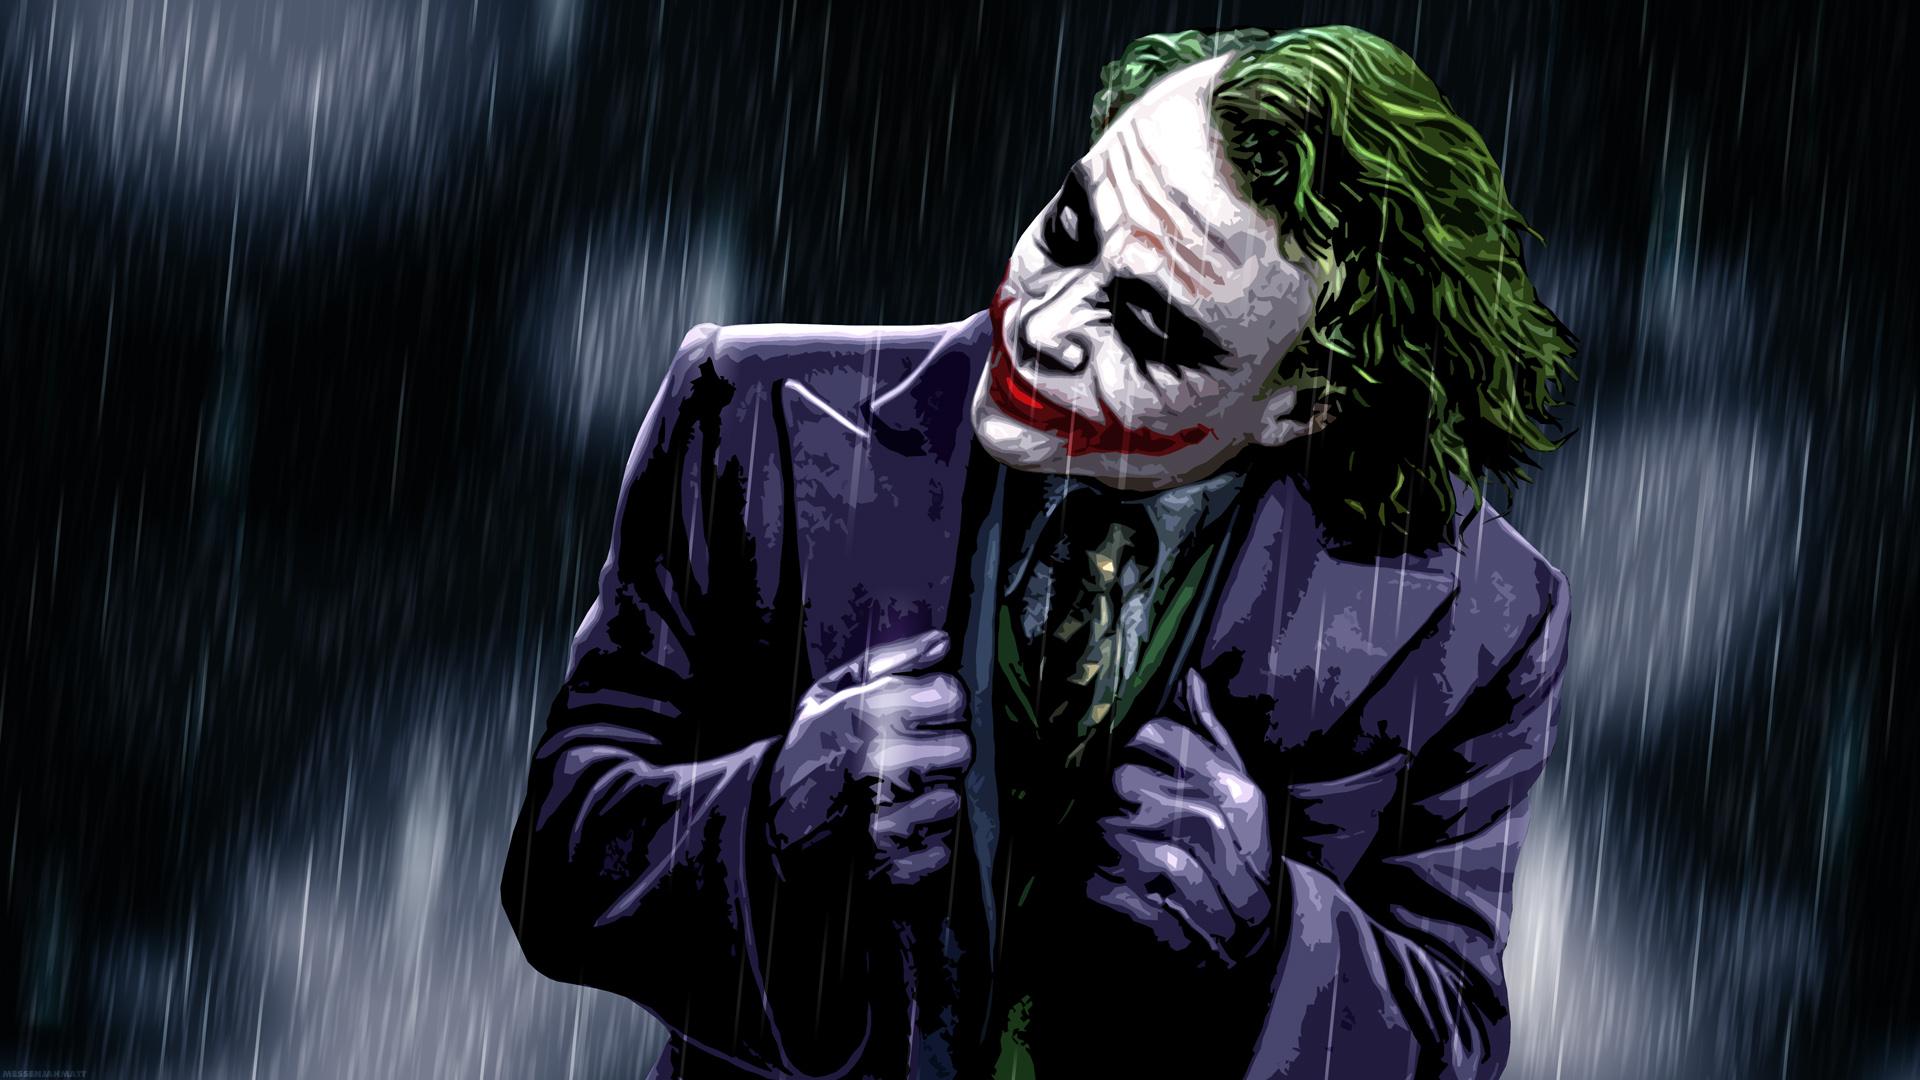 The Dark Knight HD Wallpaper